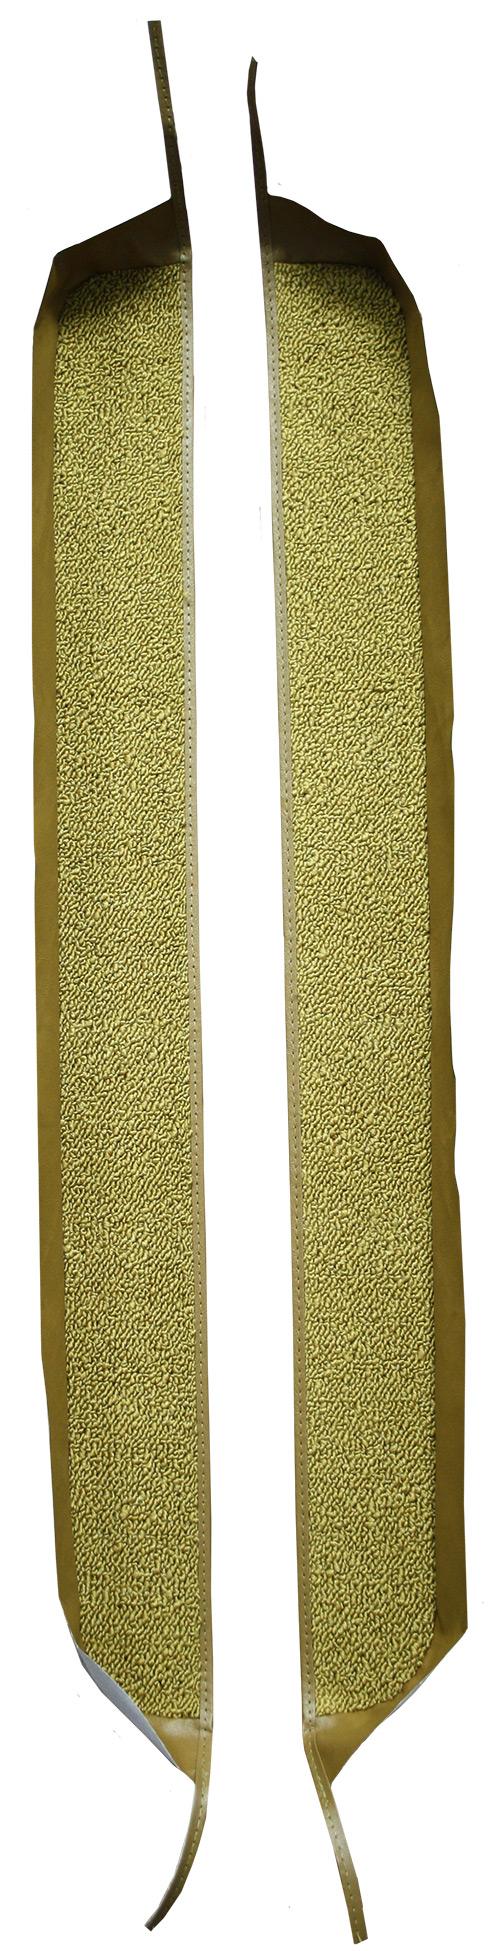 1967 Pontiac Firebird Door Panel Replacement Carpet - Loop | Fits: Inserts with Binding